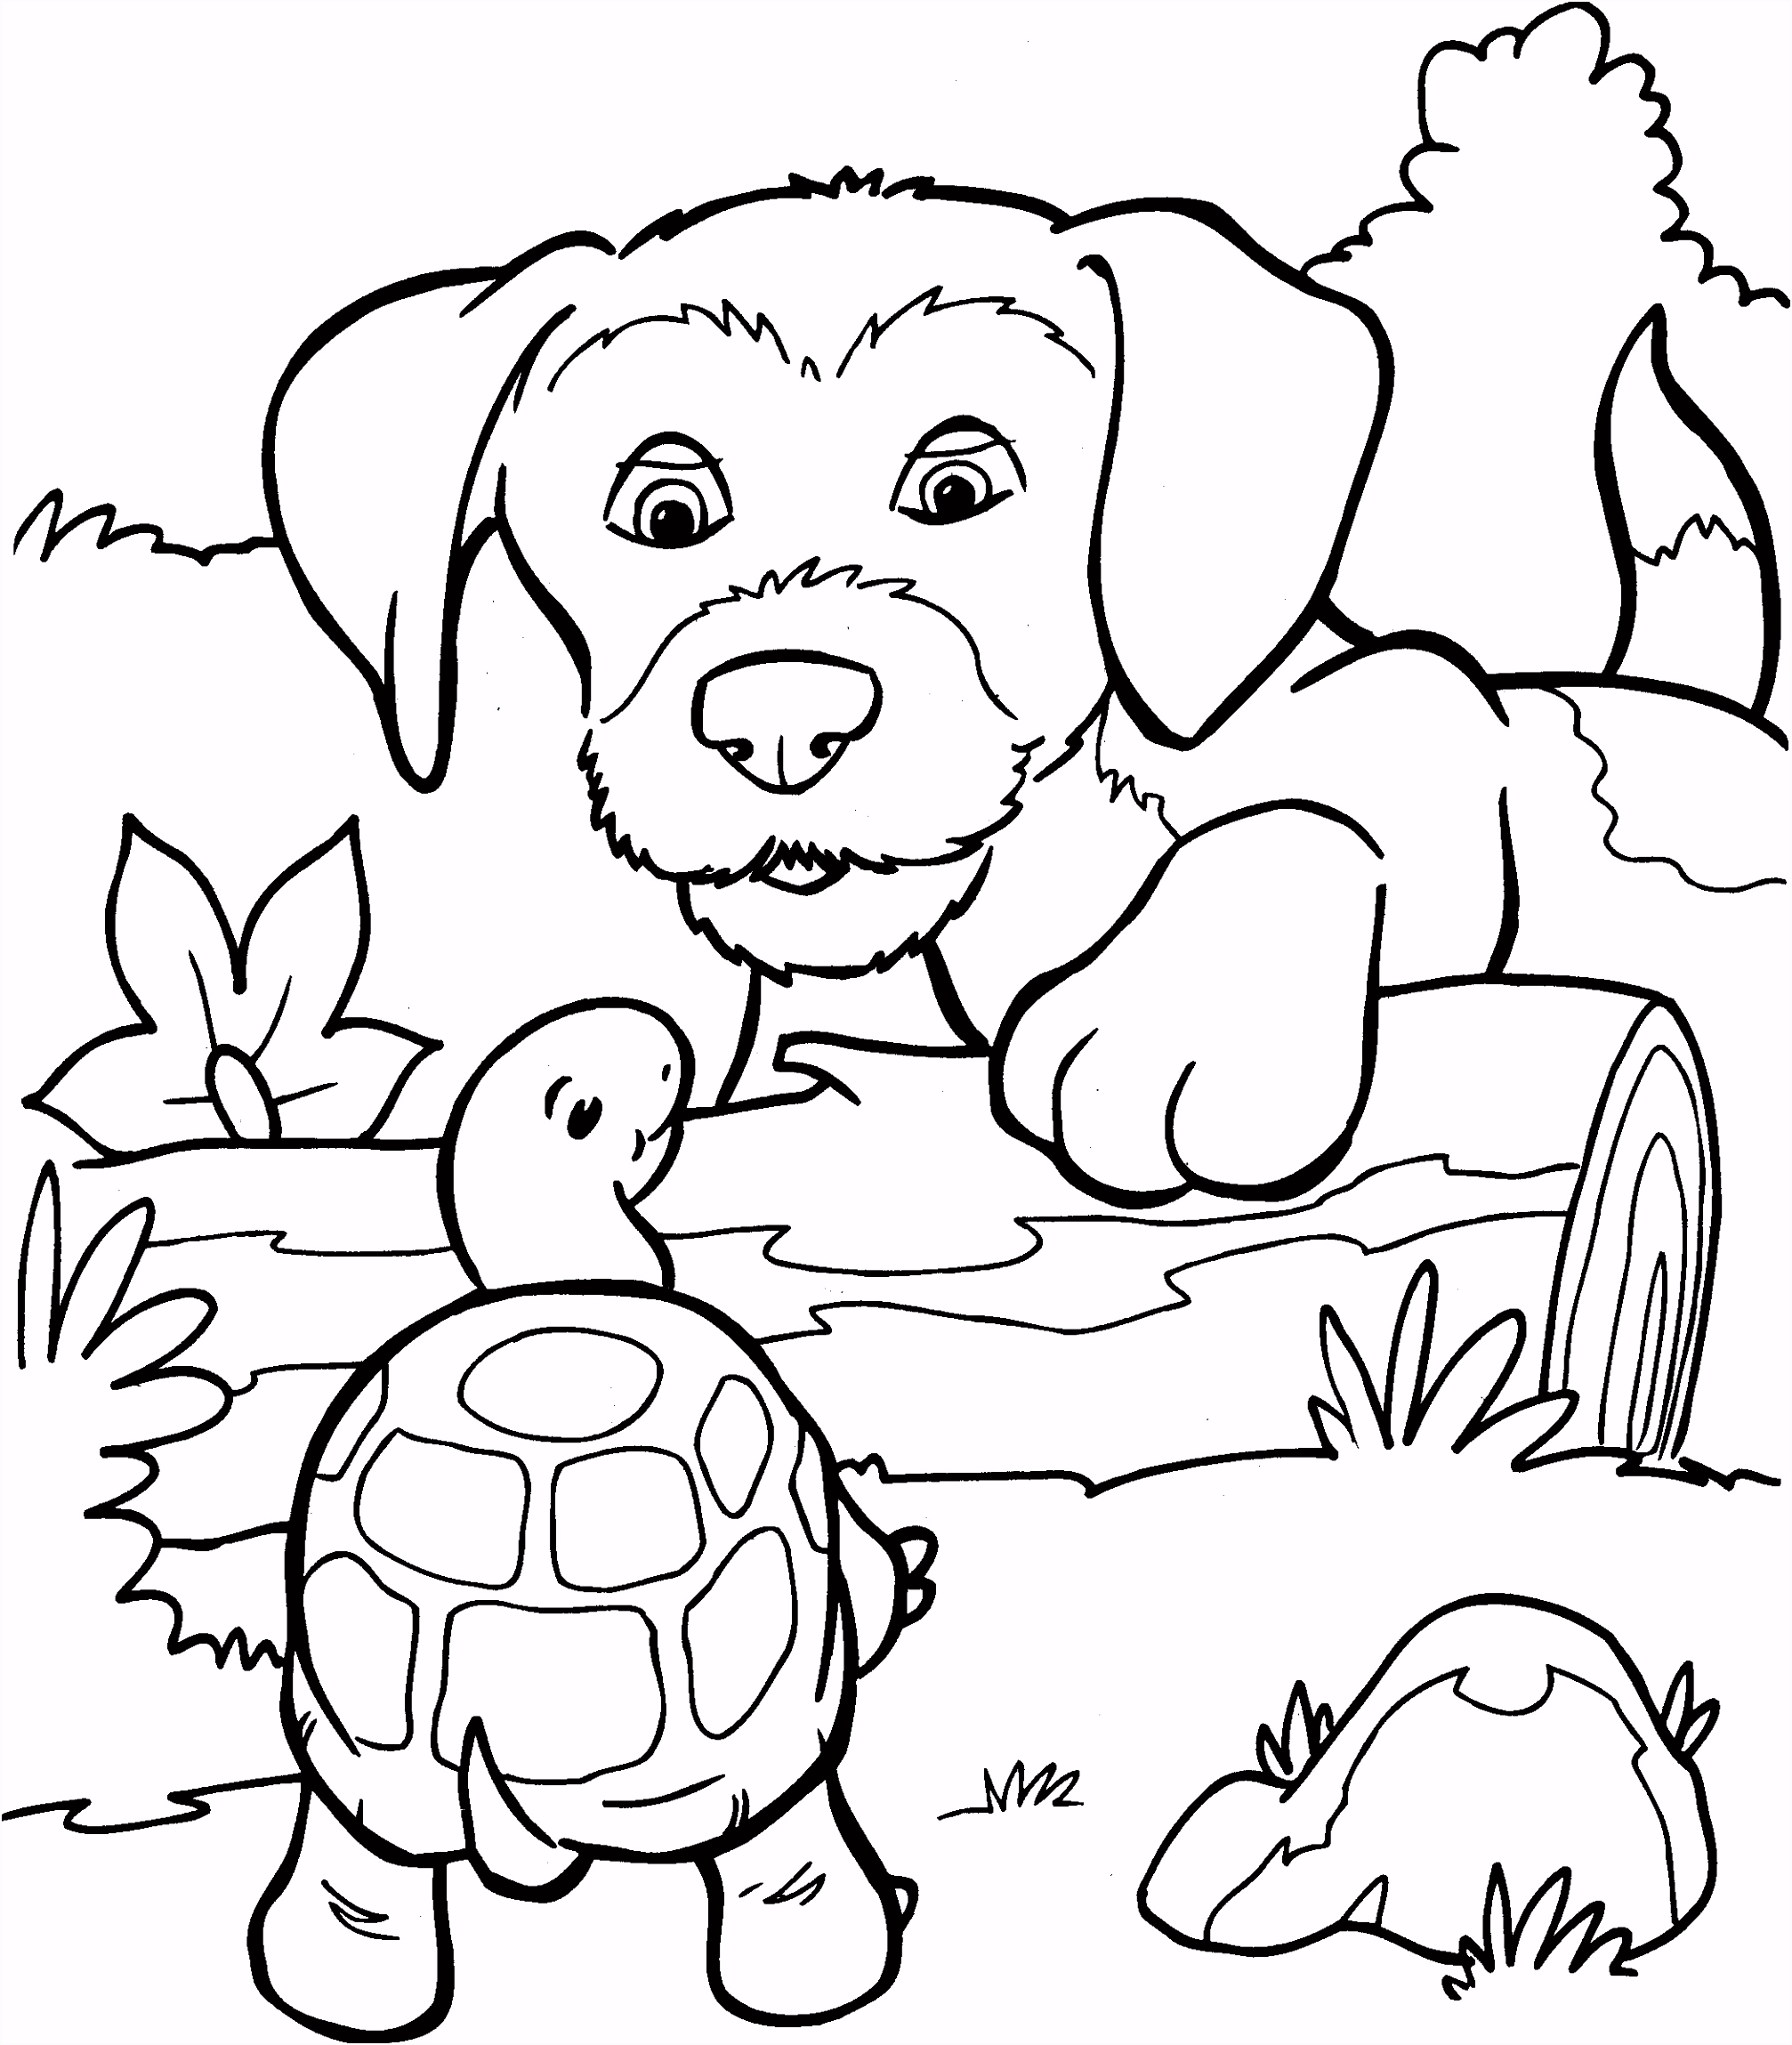 Kleurplaten Dieren Puppies ARCHIDEV